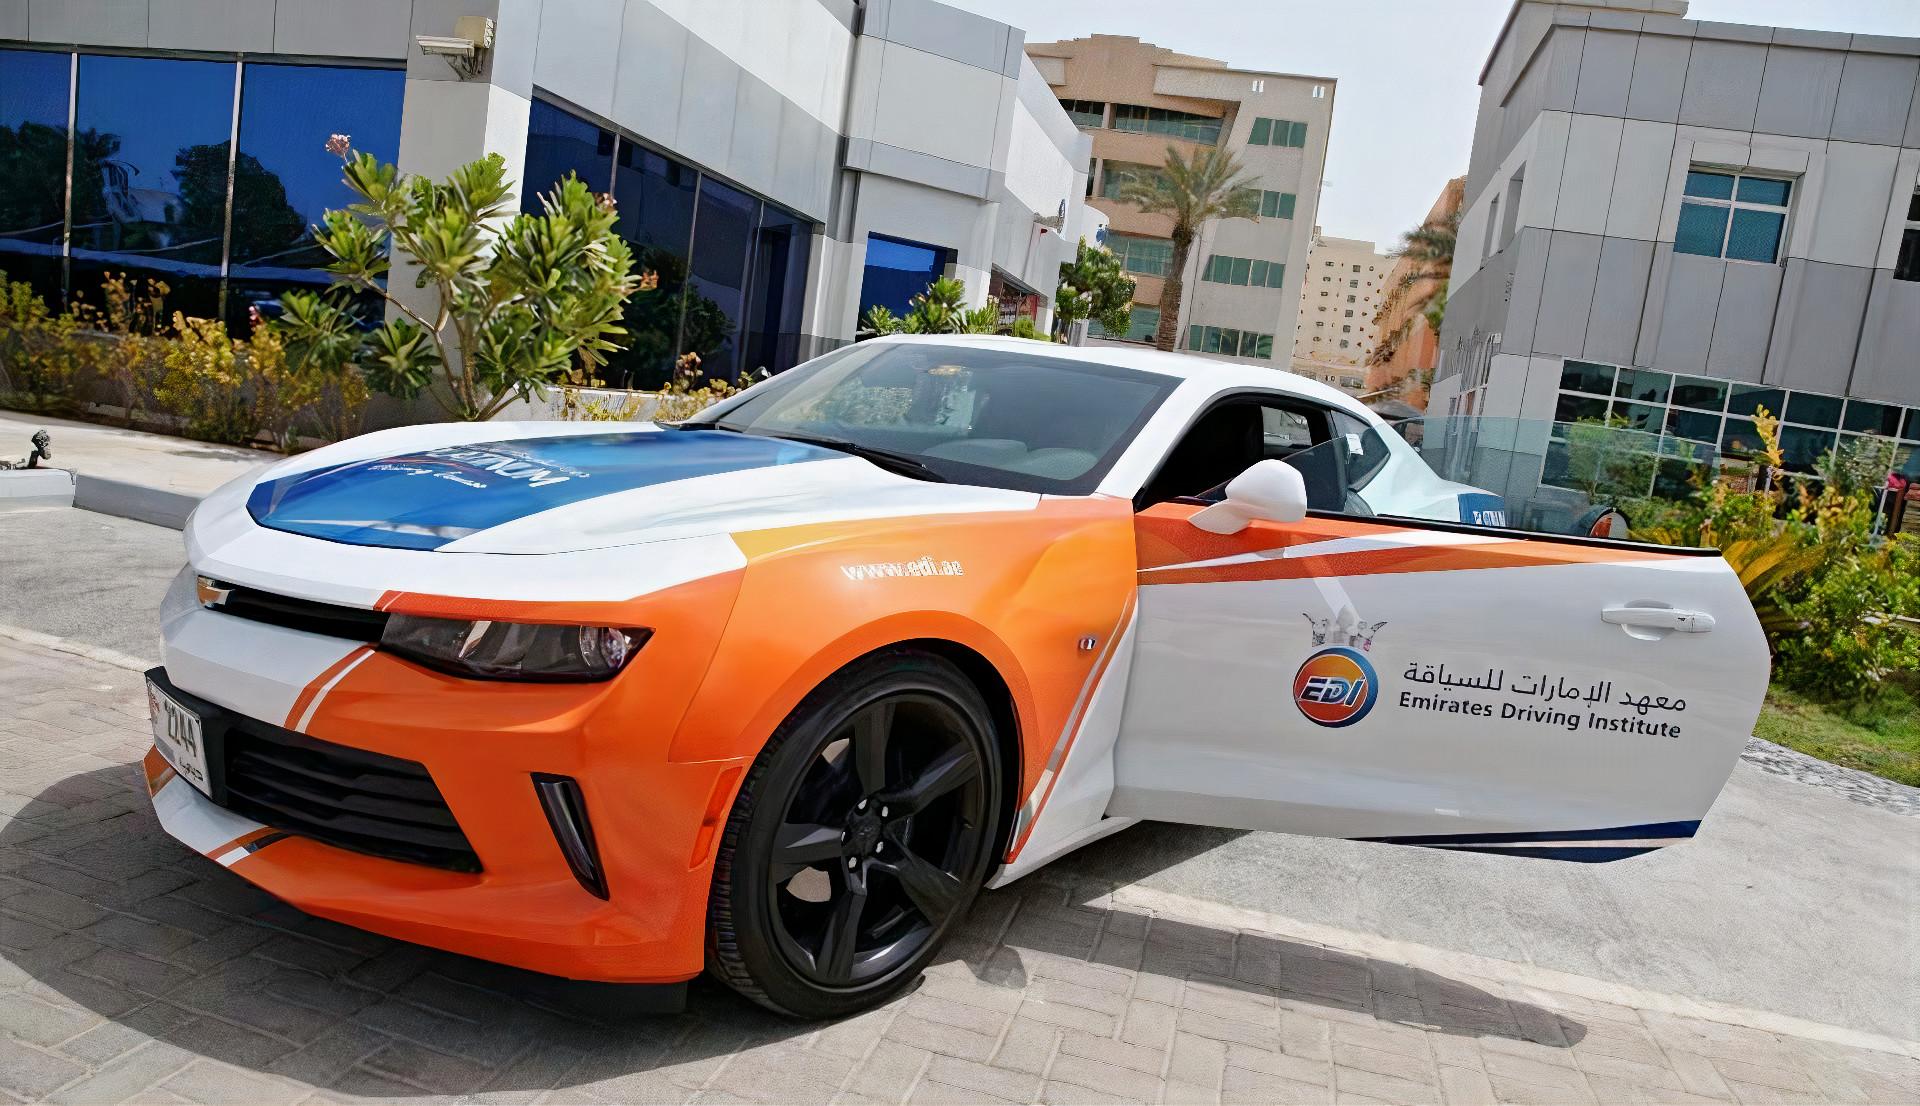 Emirates Driving Institute Chevrolet Camaro